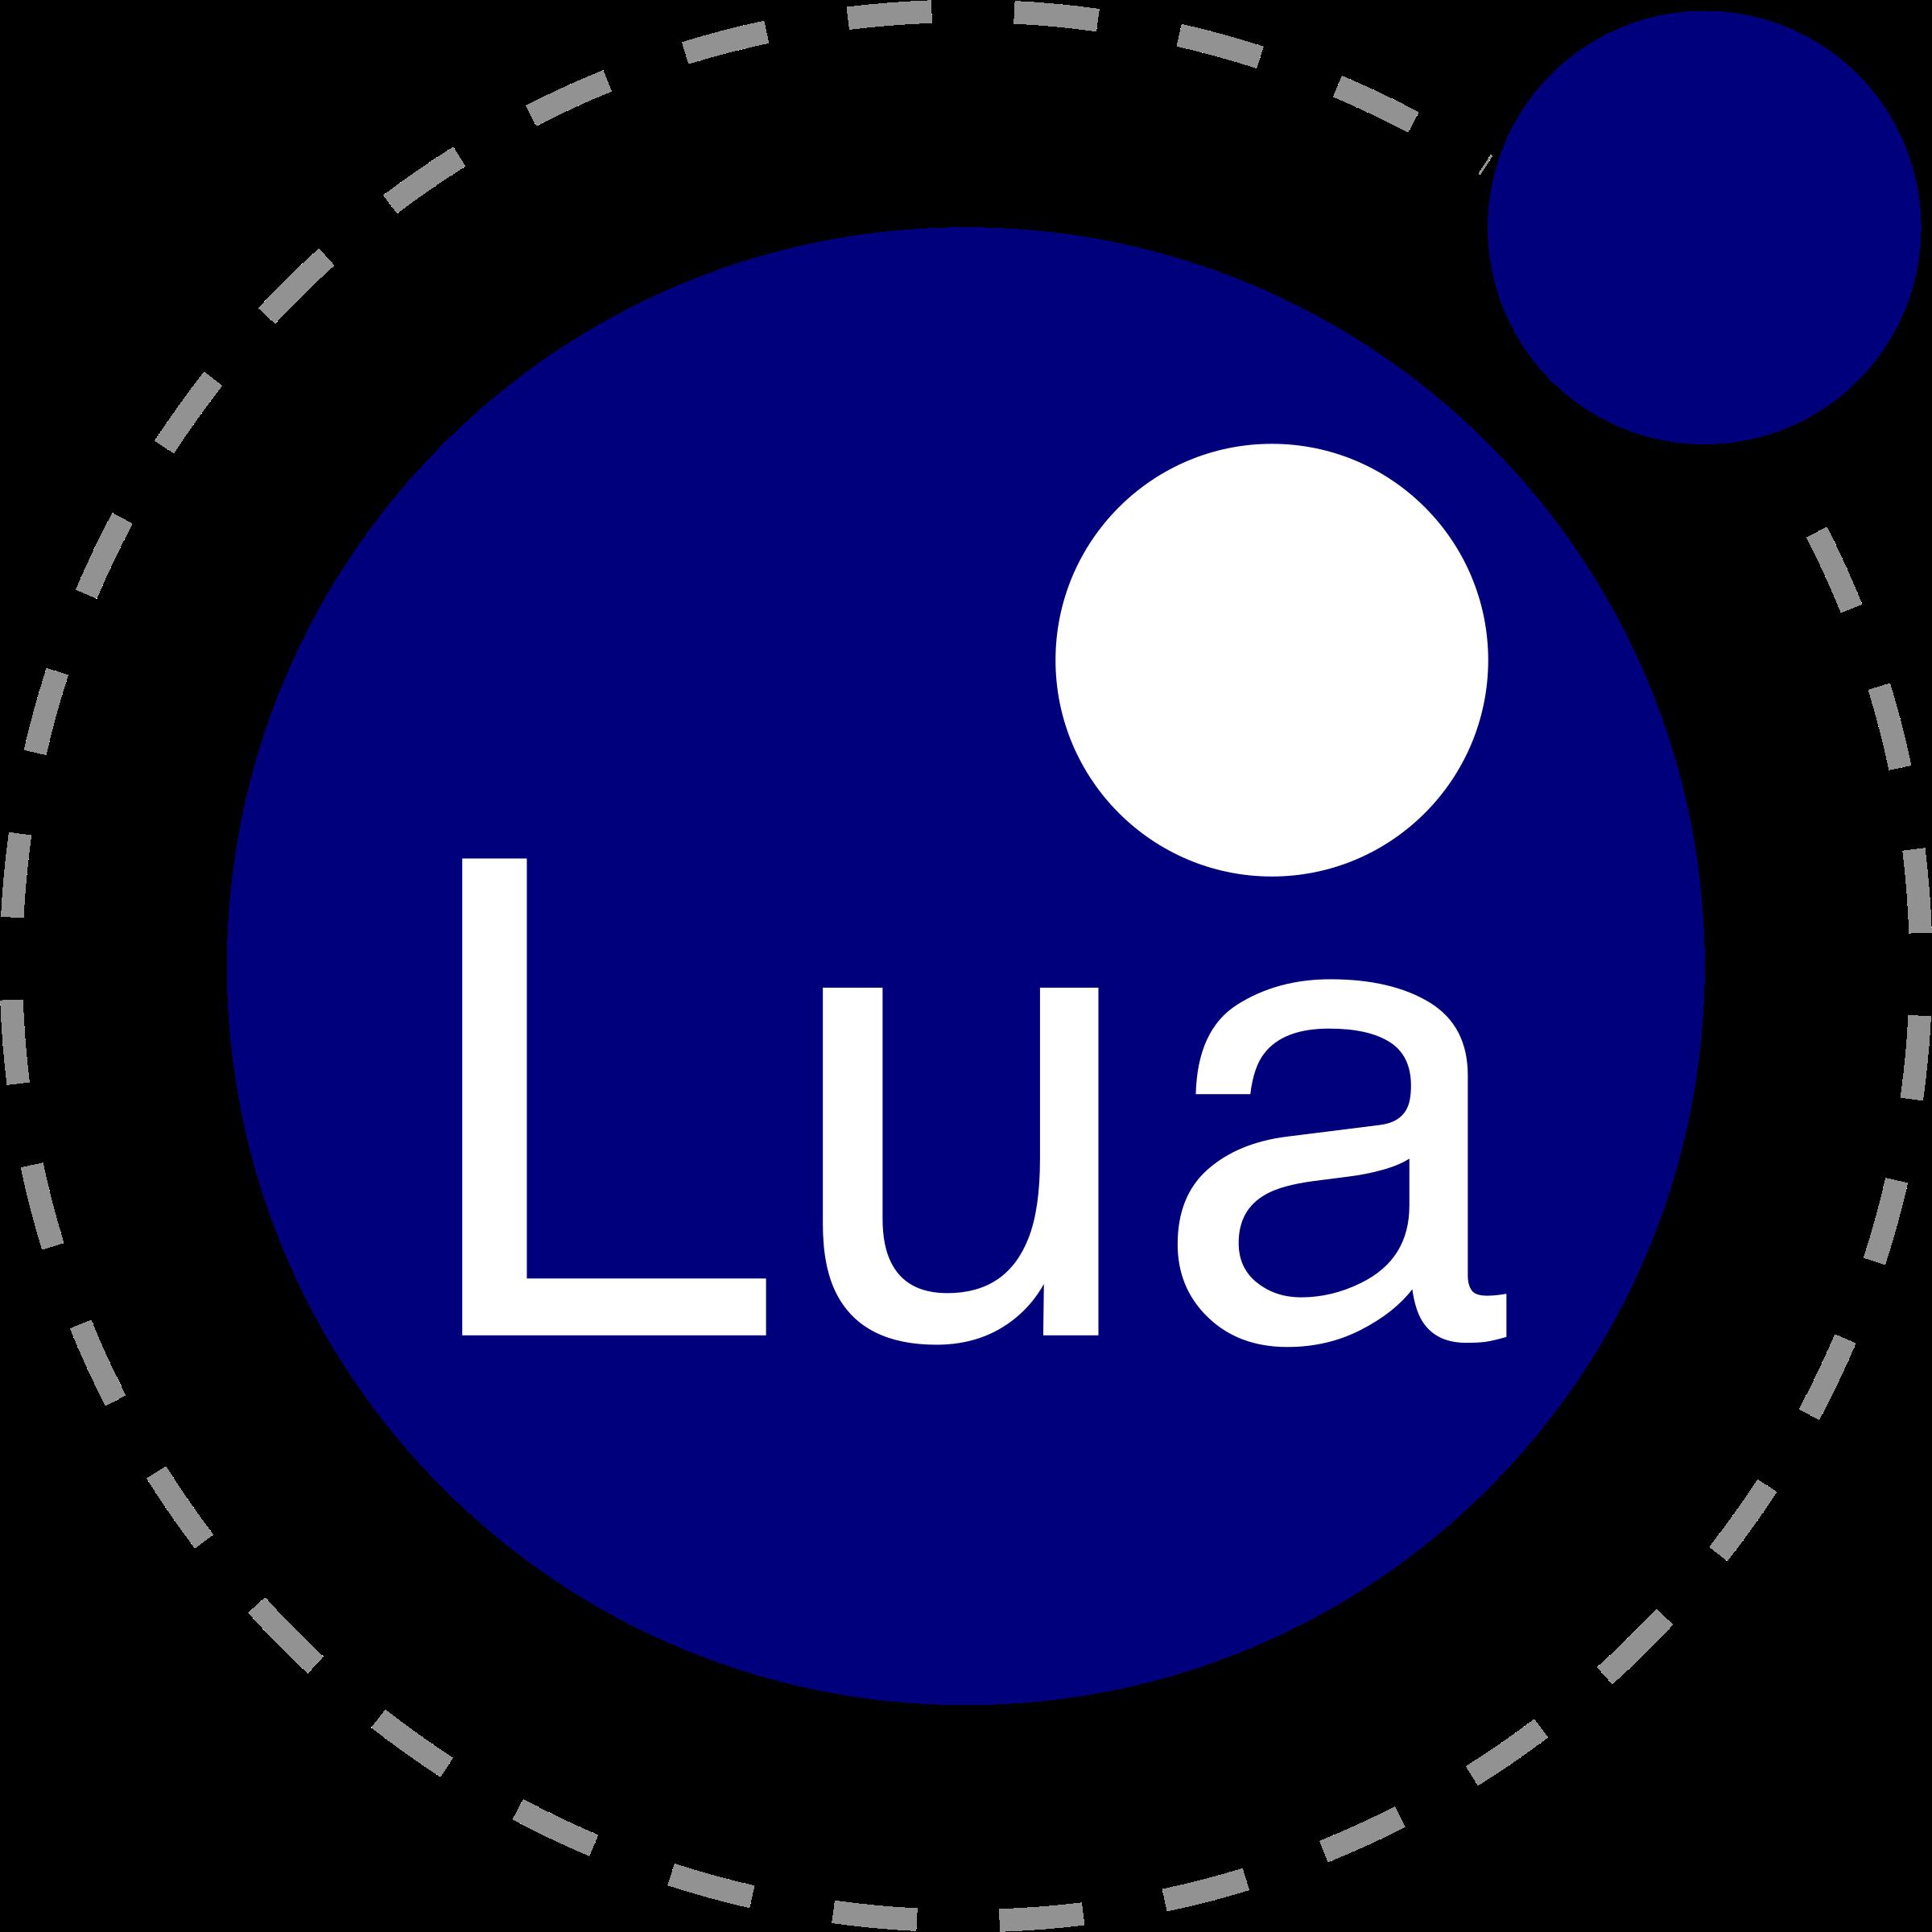 Lua img